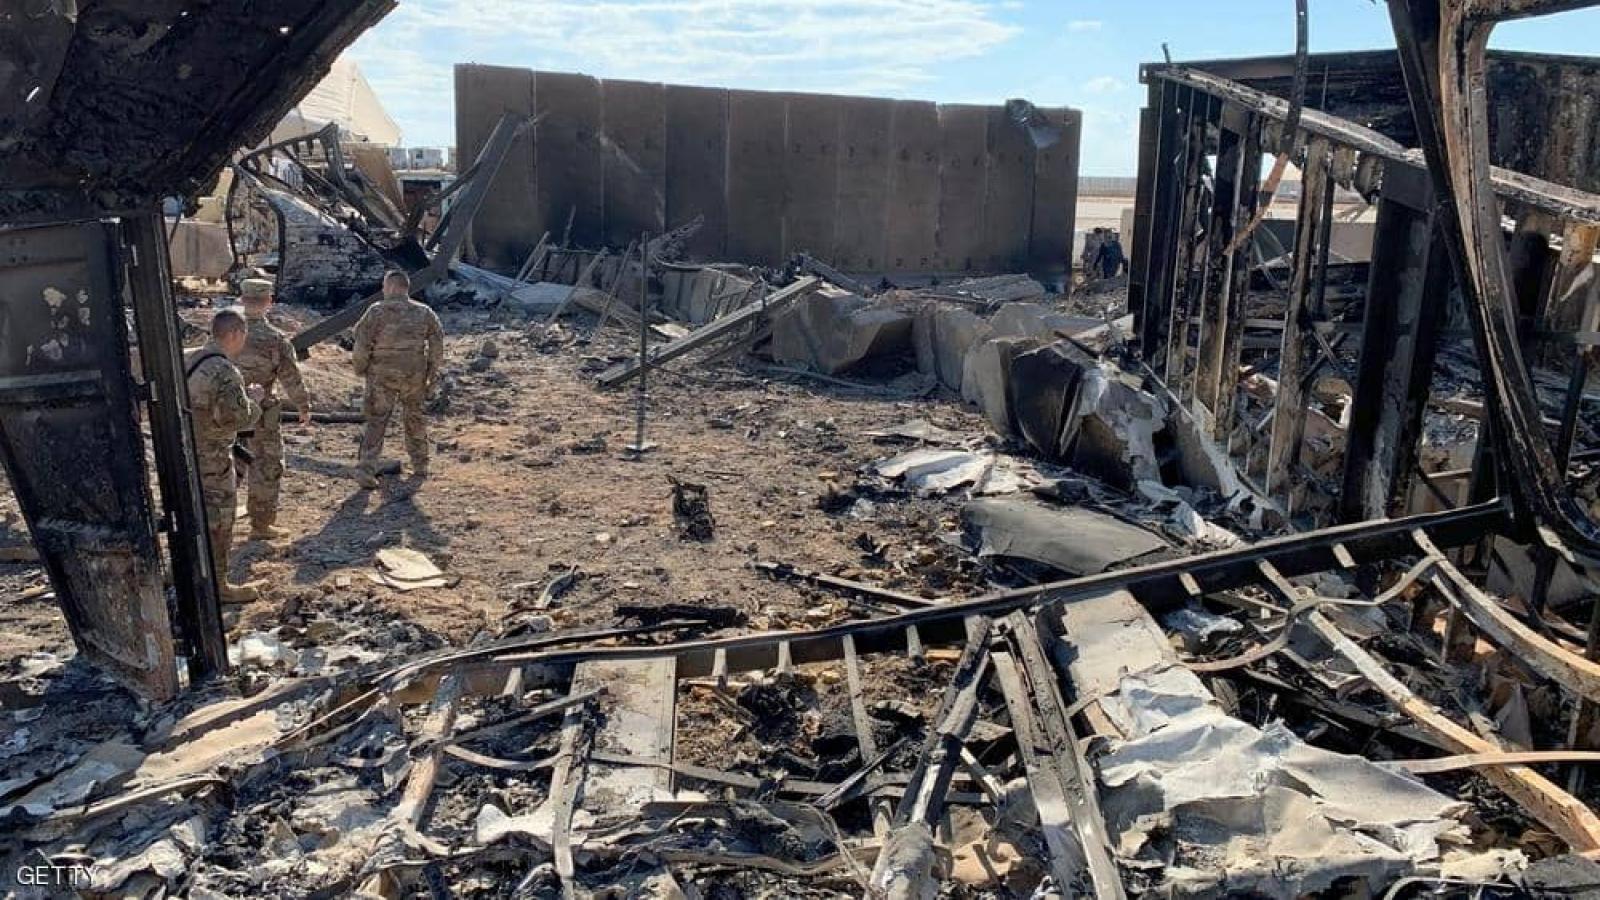 Căn cứ quân sự Mỹ ở tỉnh Anbar, Iraq bị tấn công bằng tên lửa